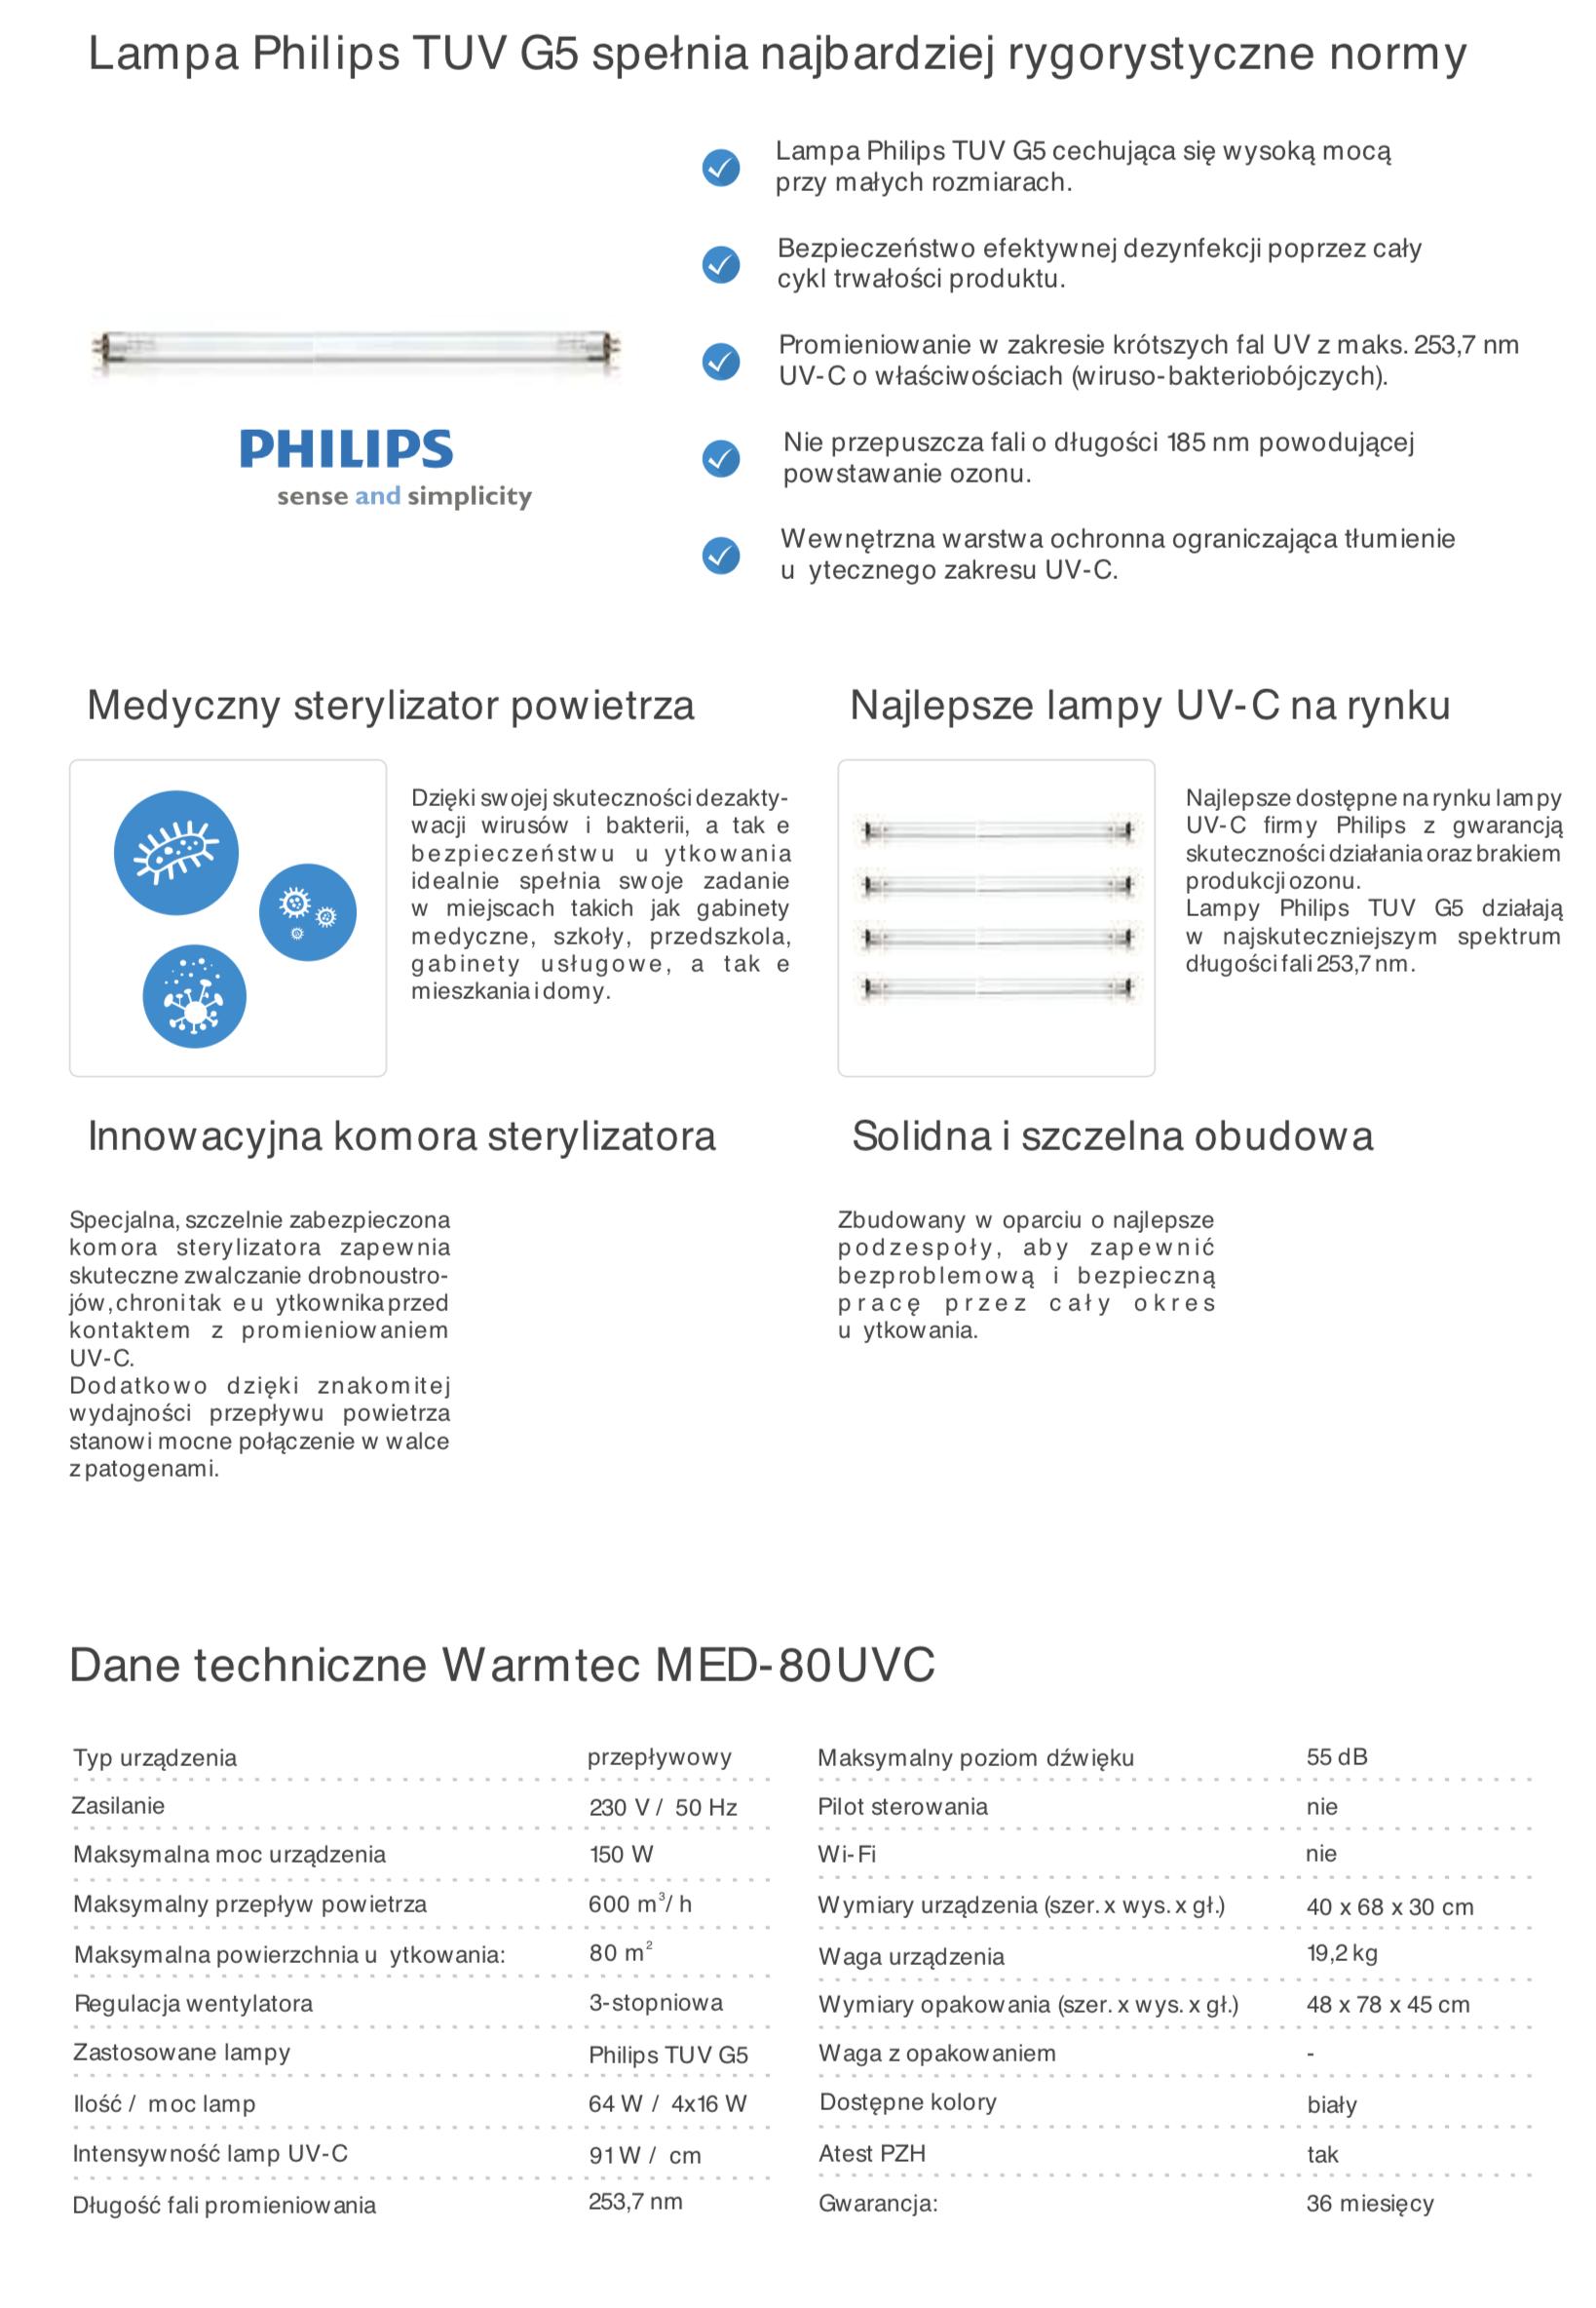 MED-80UVC specyfikacja